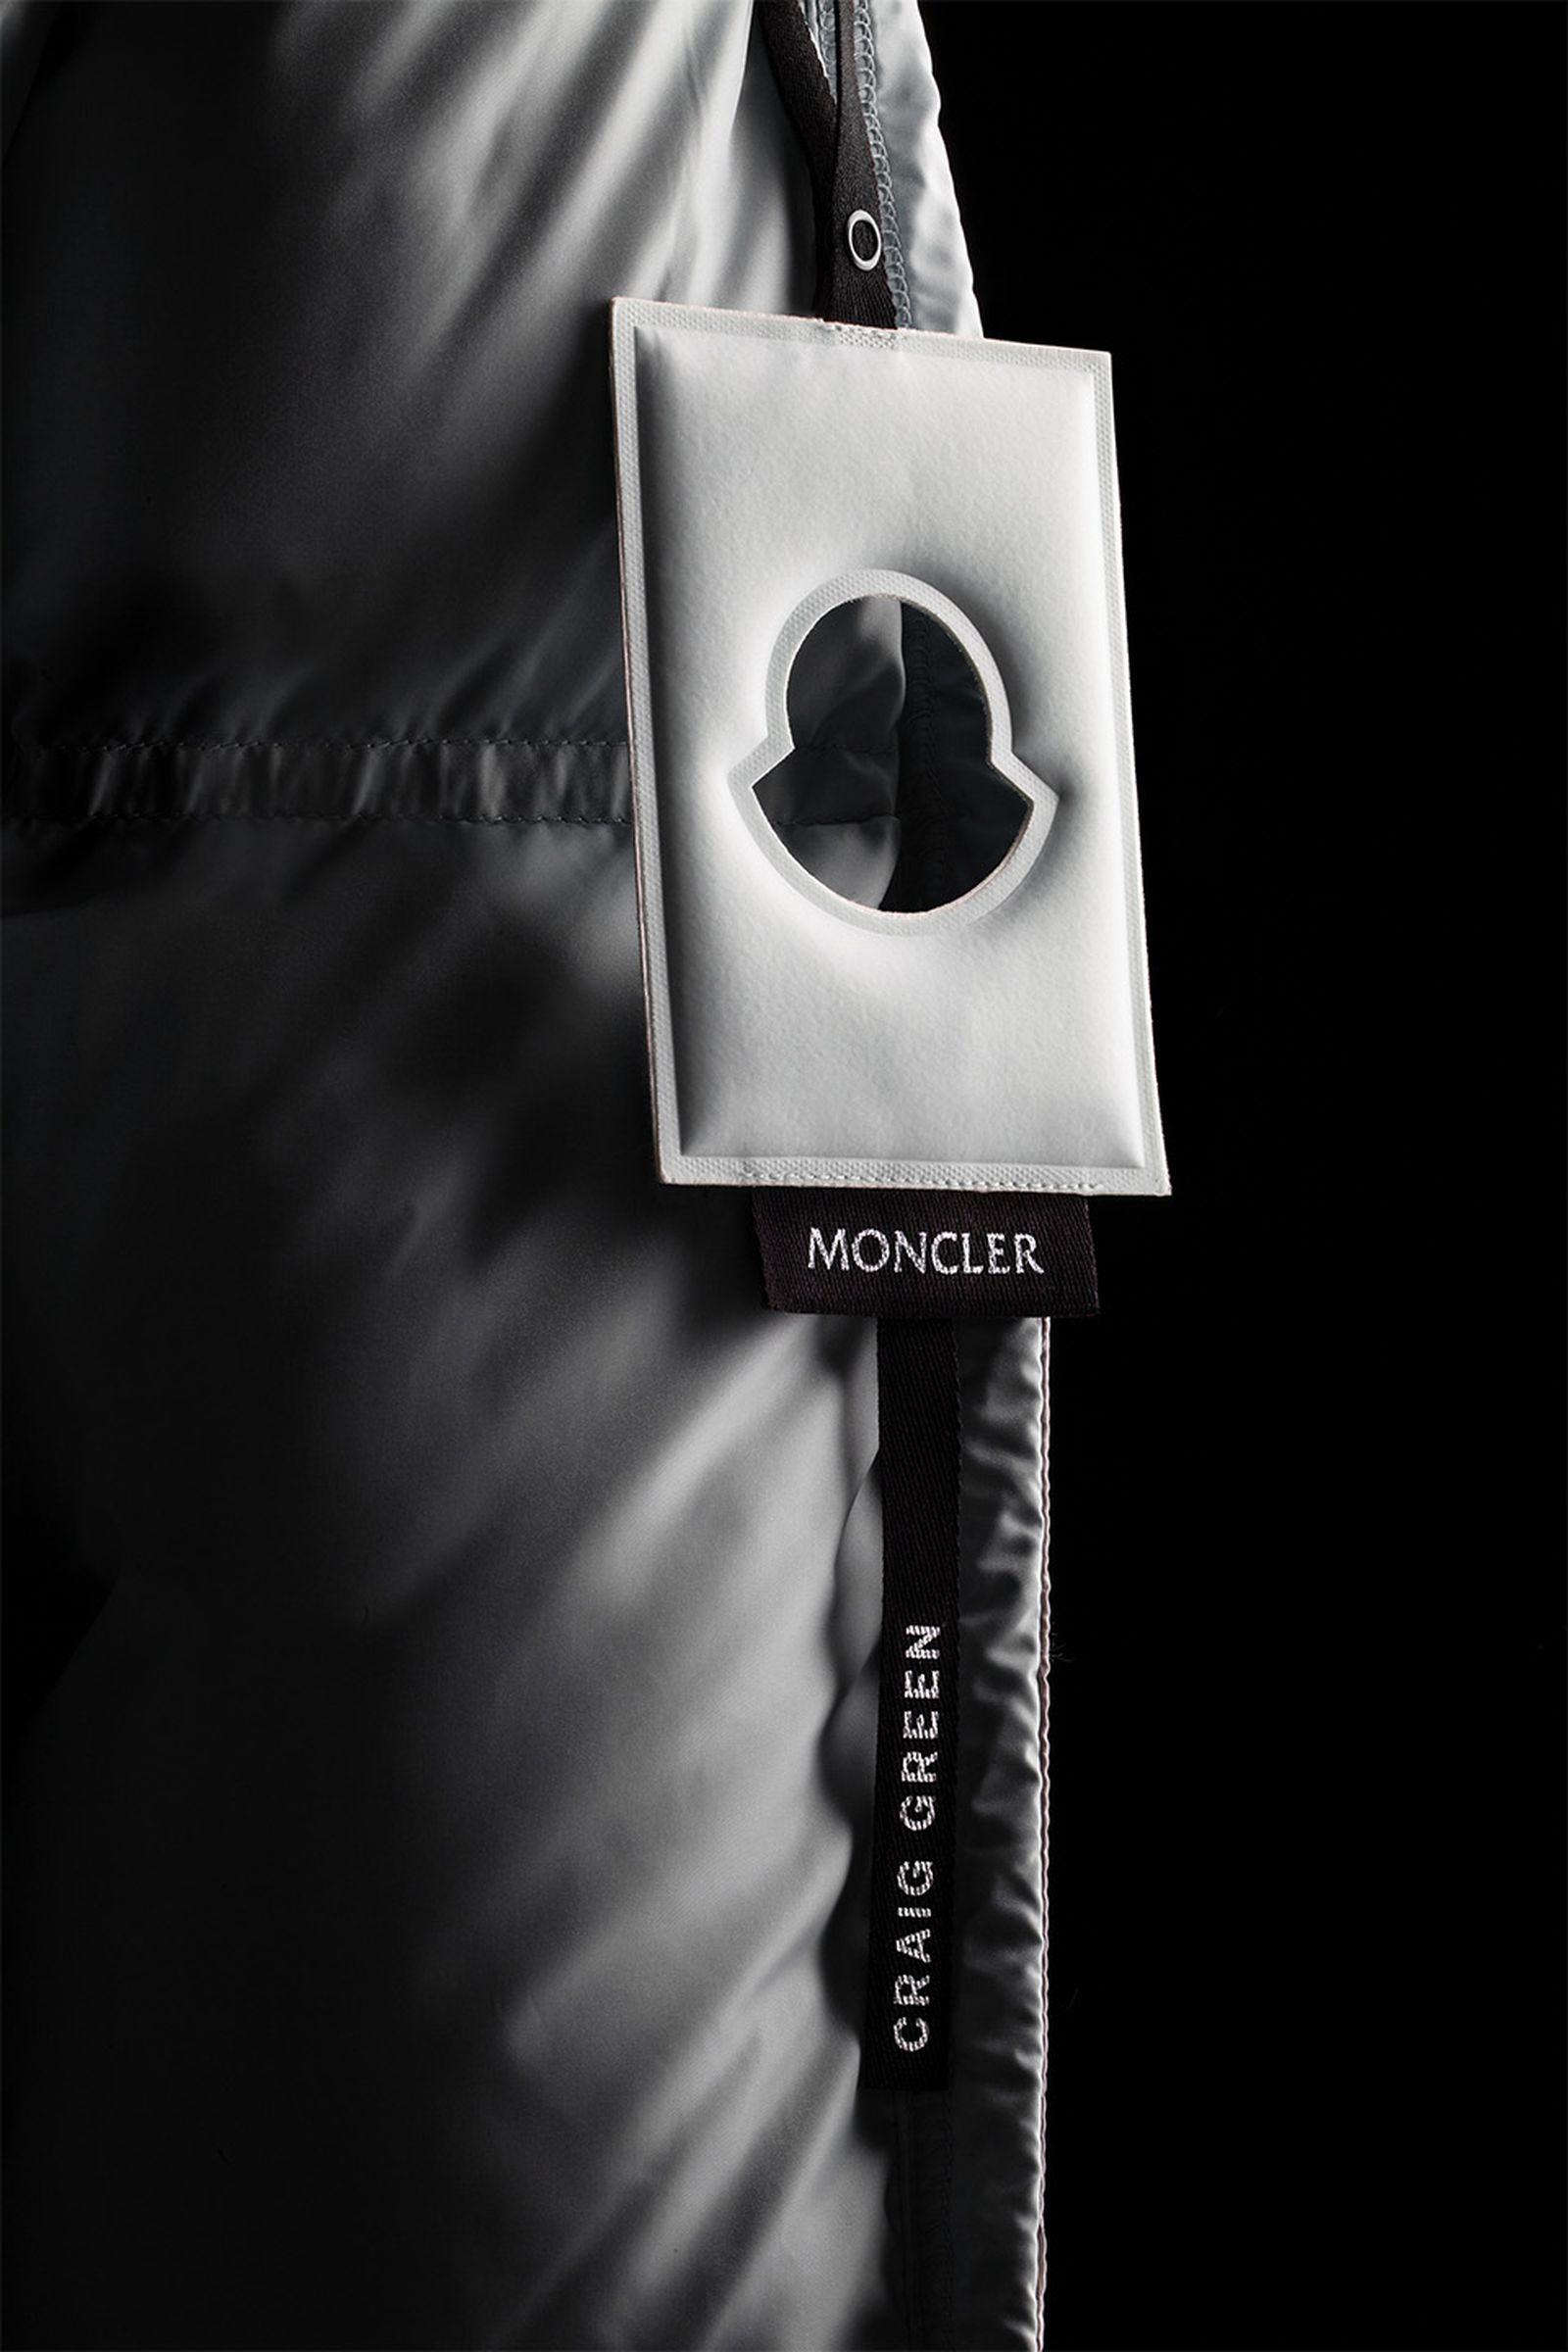 moncler genius 2019 craig green matthew williams moncler 1952